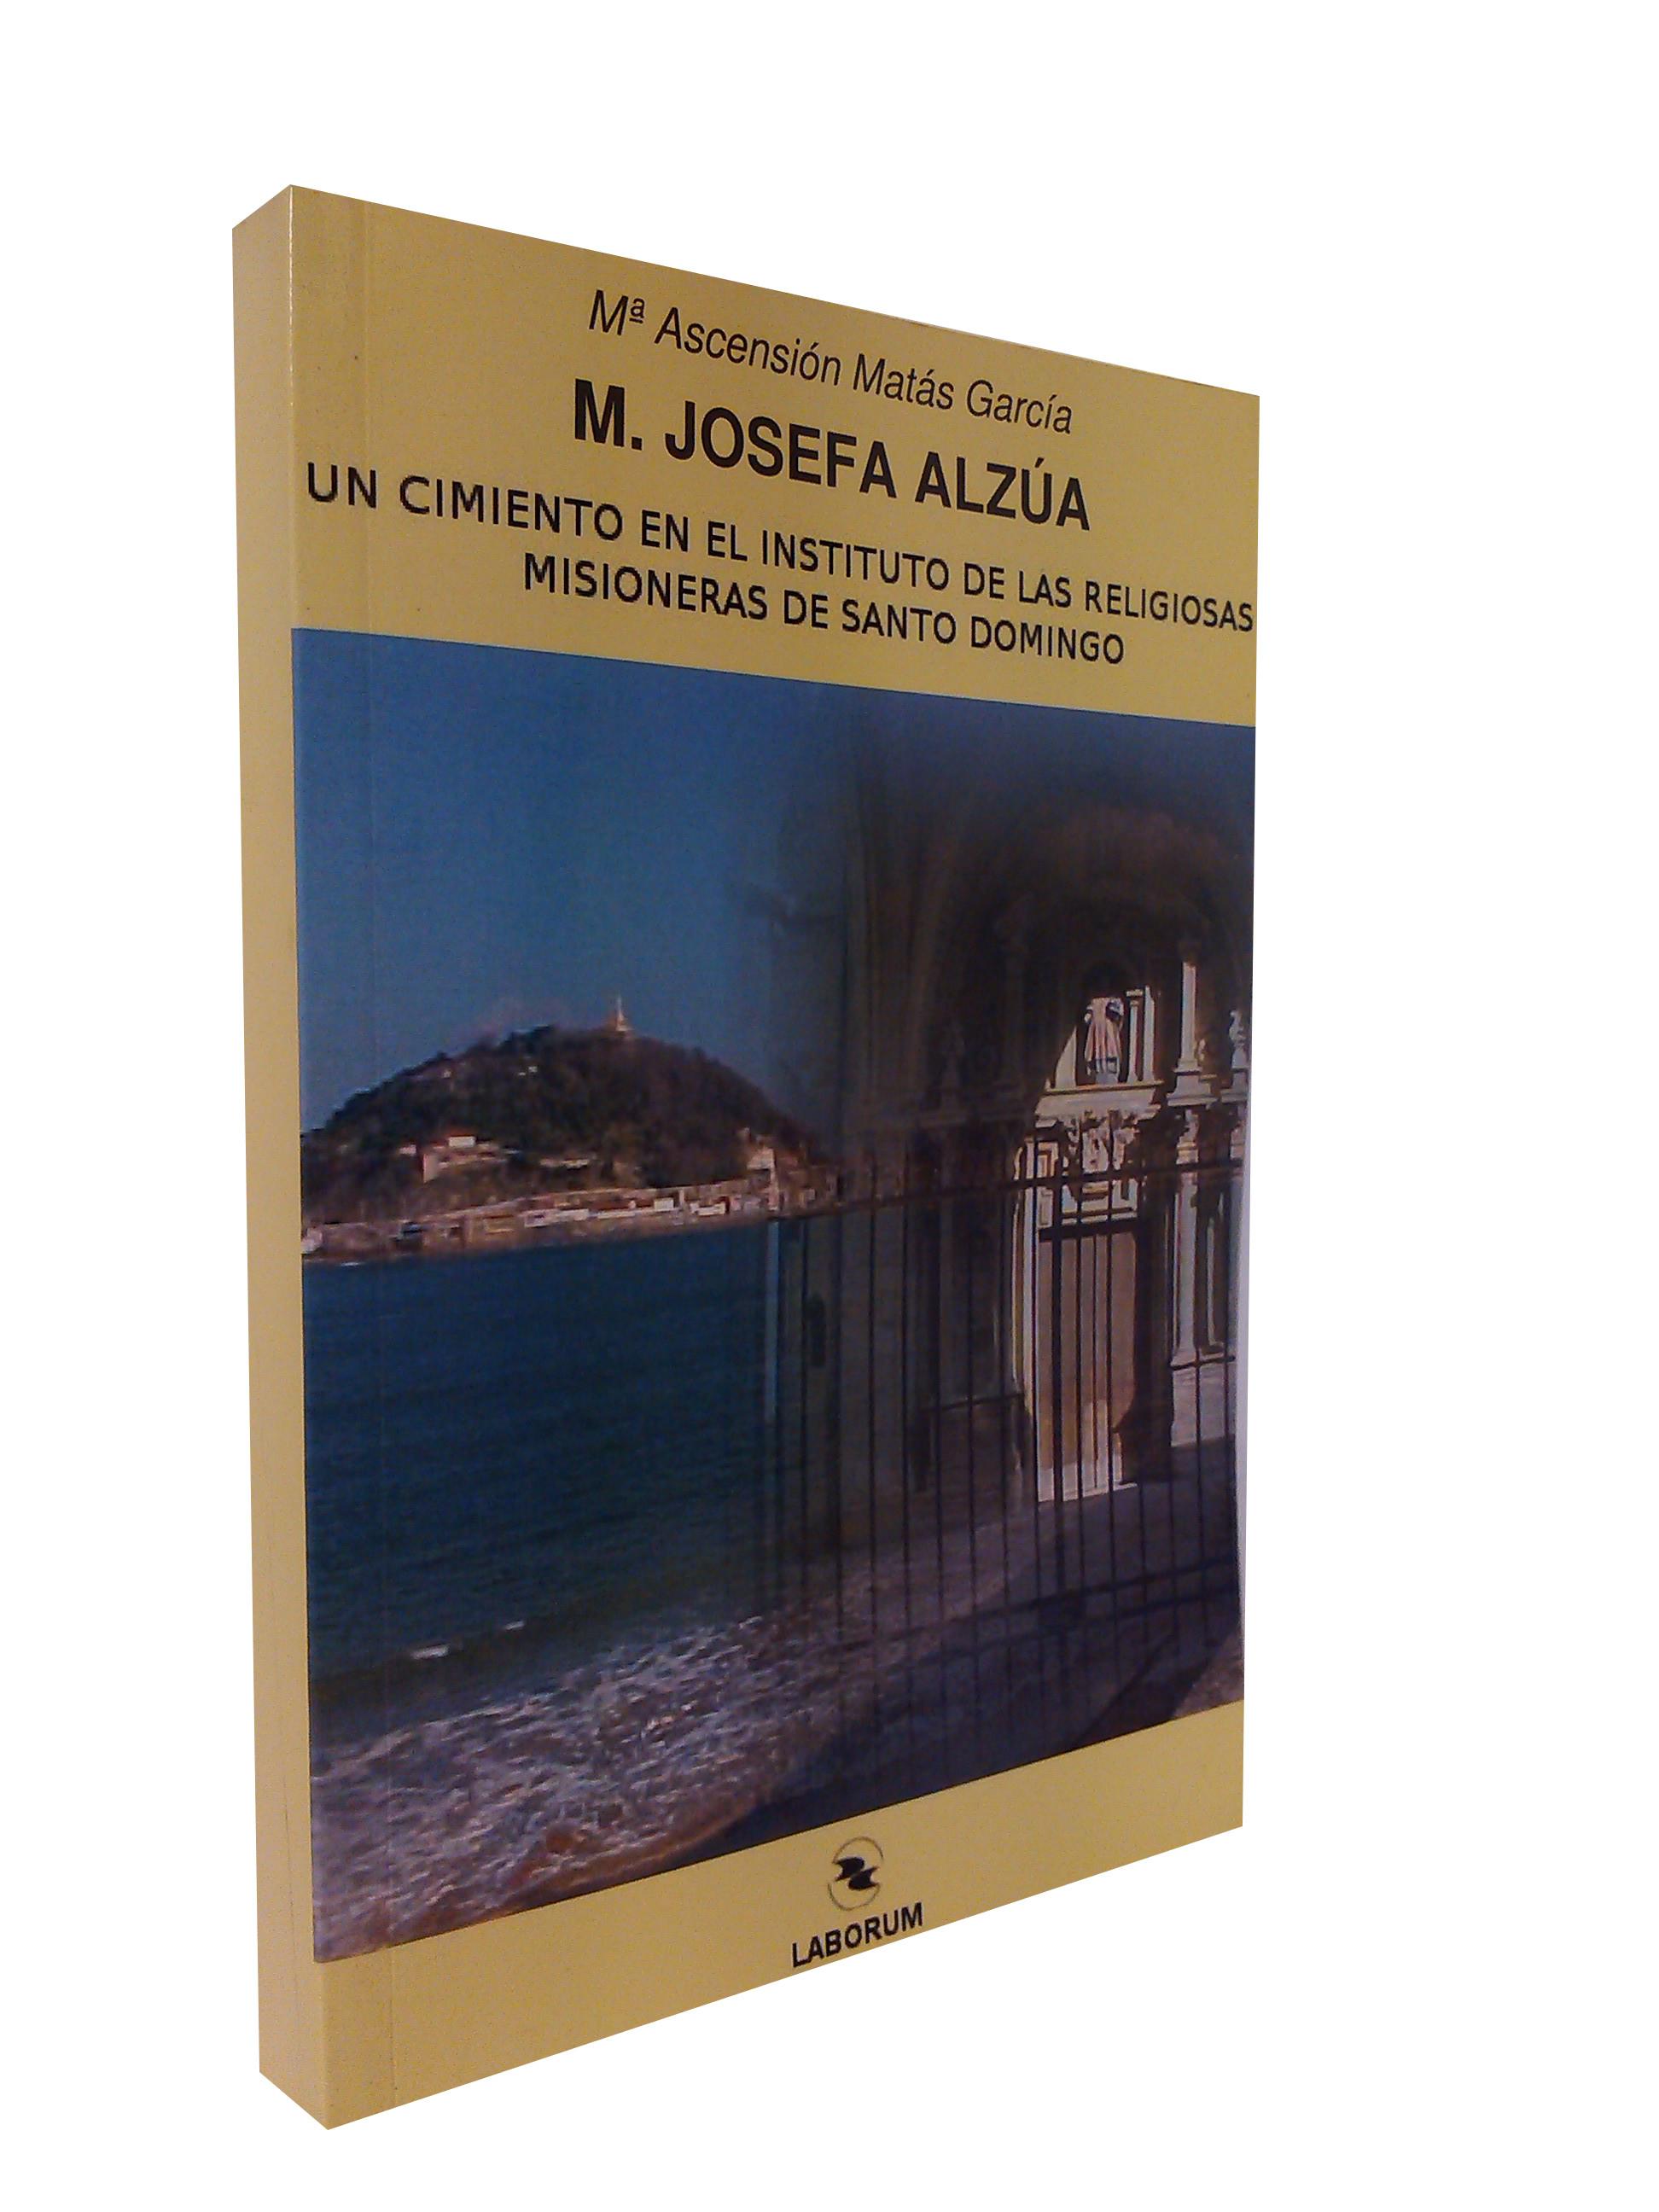 La madre M. Josefa Alzúa: Un cimiento en el instituto de las religiosas misioneras de Santo Domingo